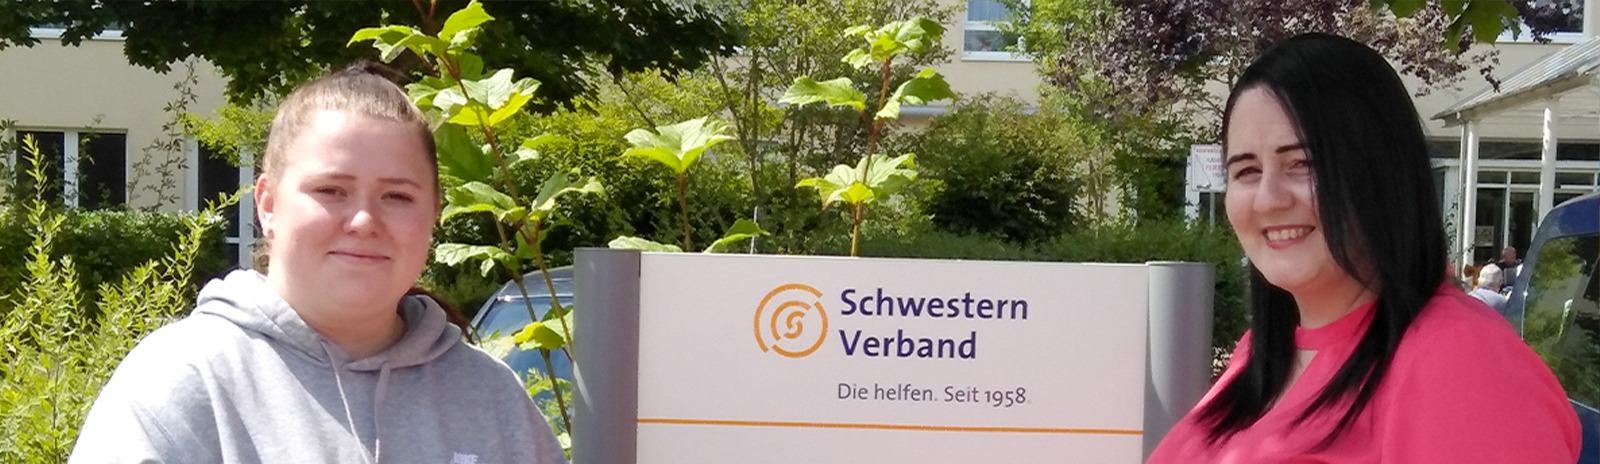 Haus am Brühlpark_Neue Azubis_slider